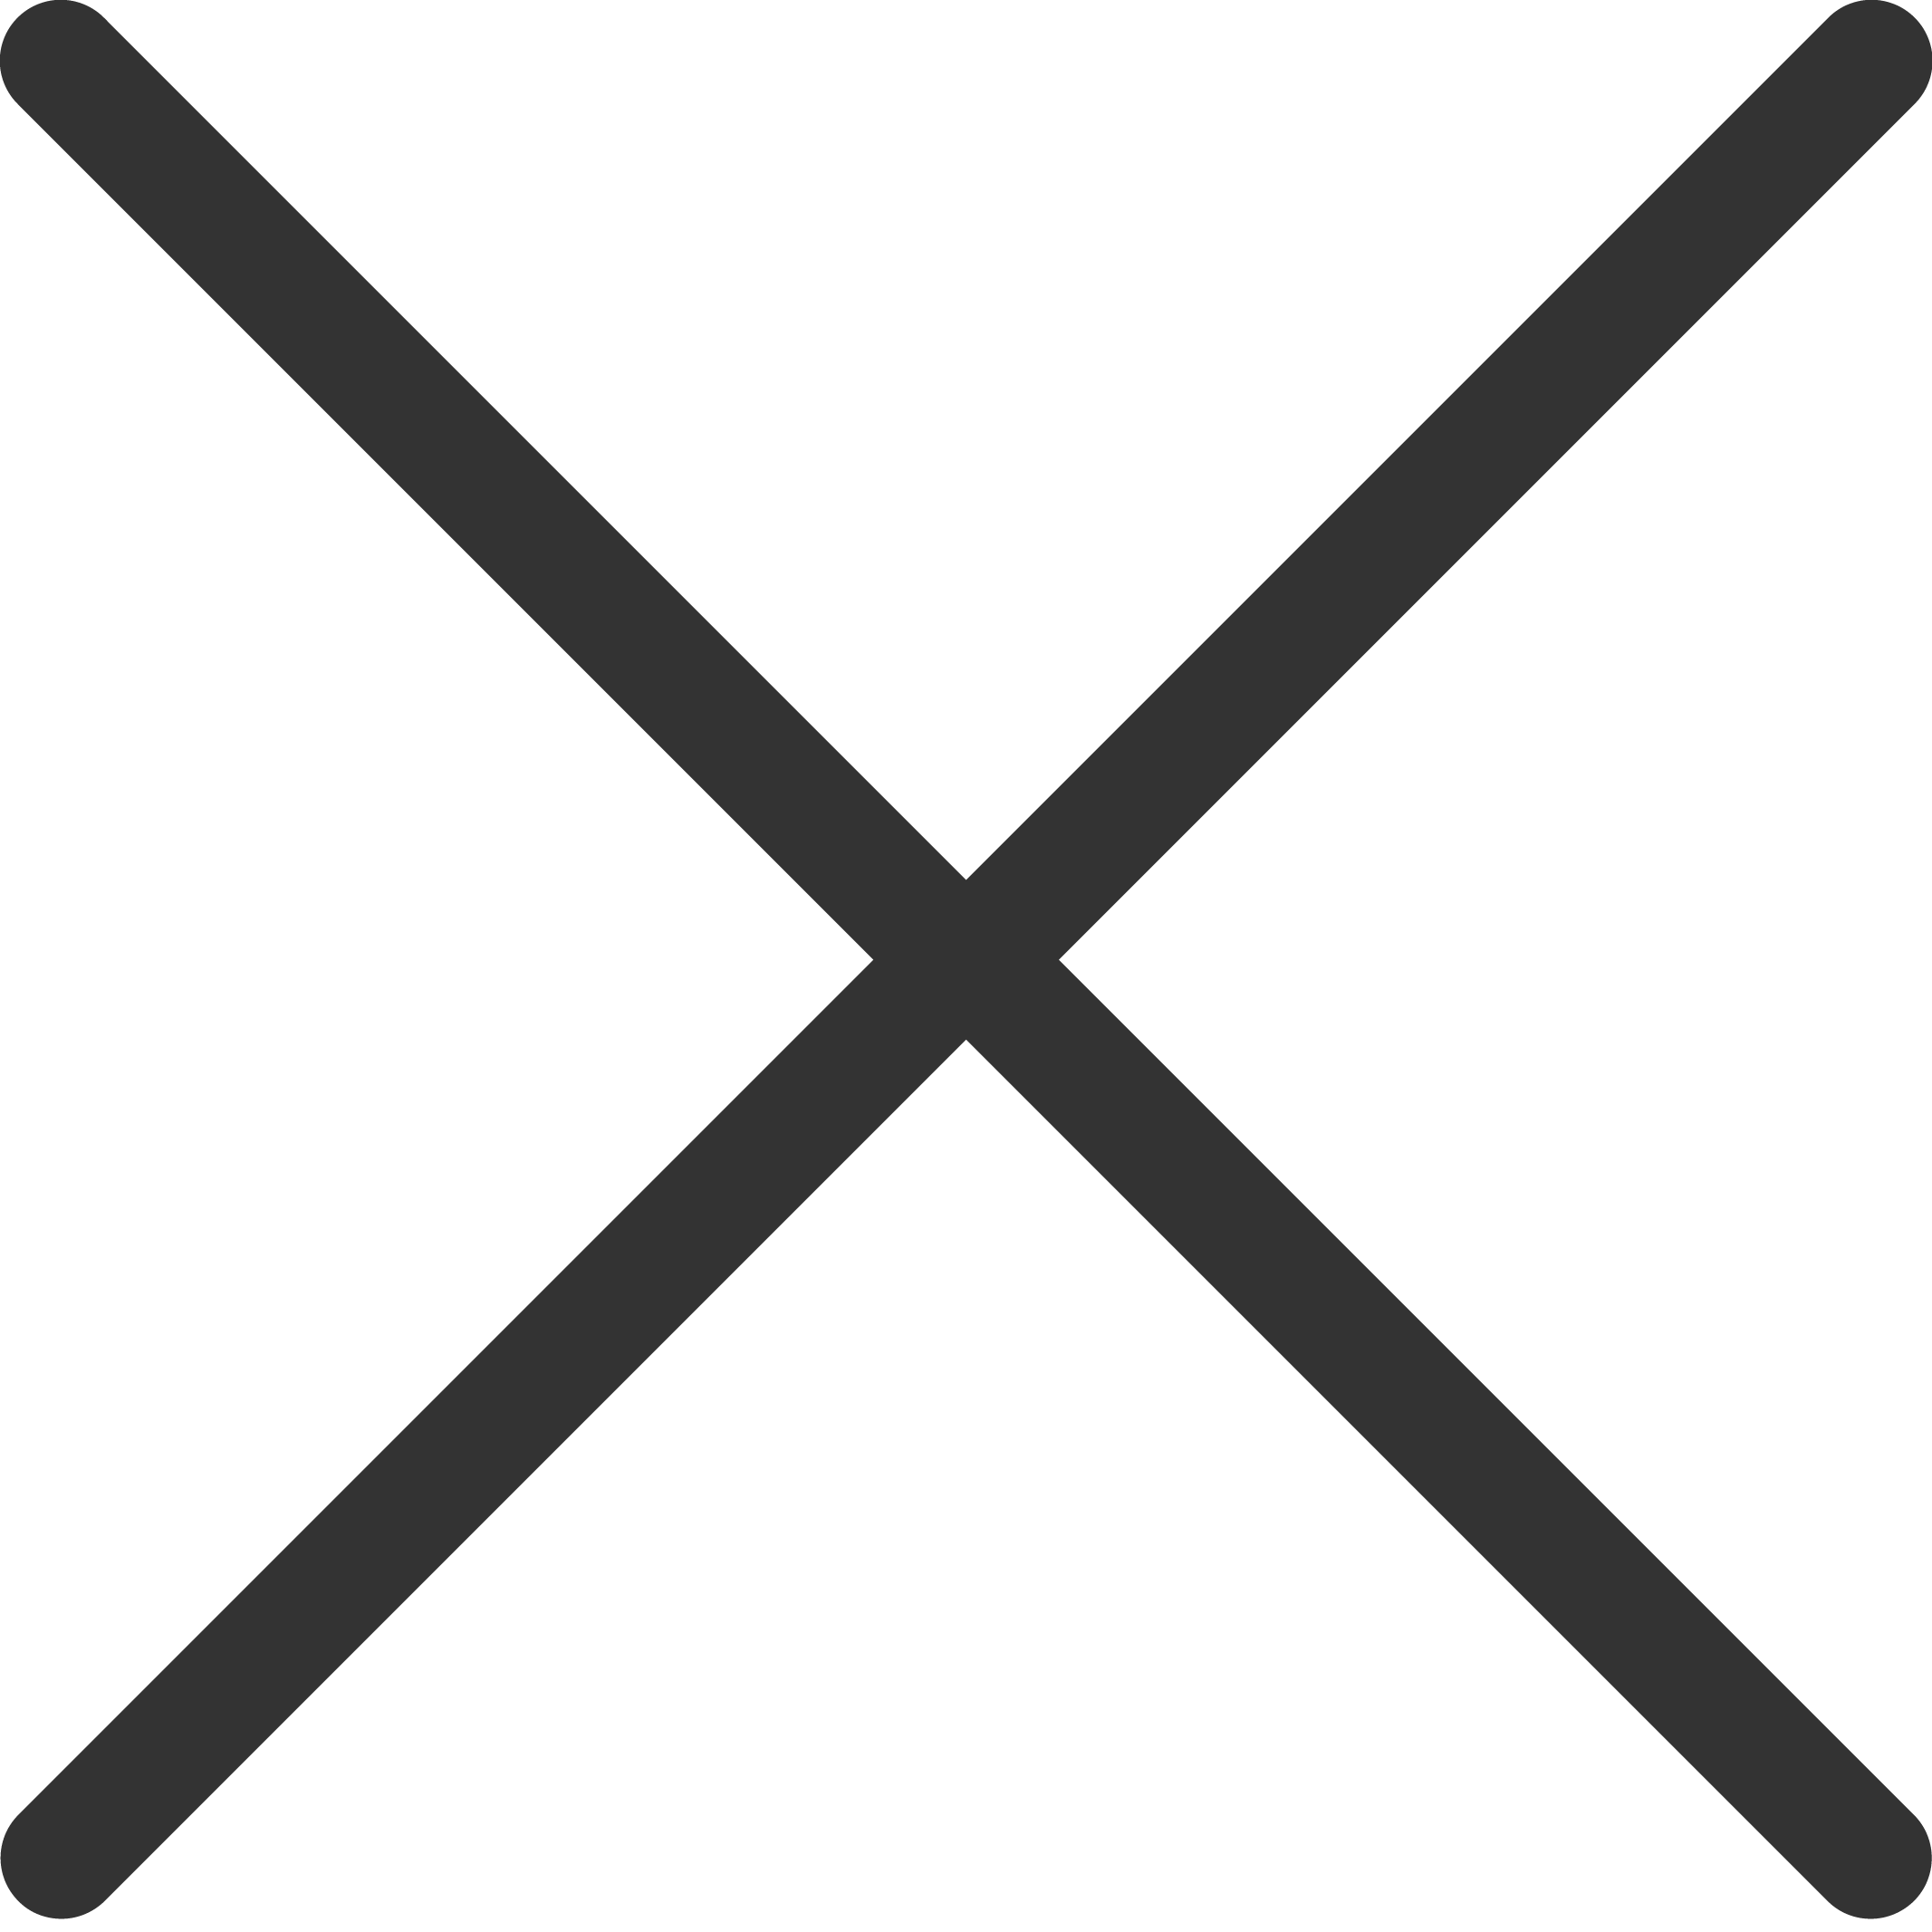 dark close icon